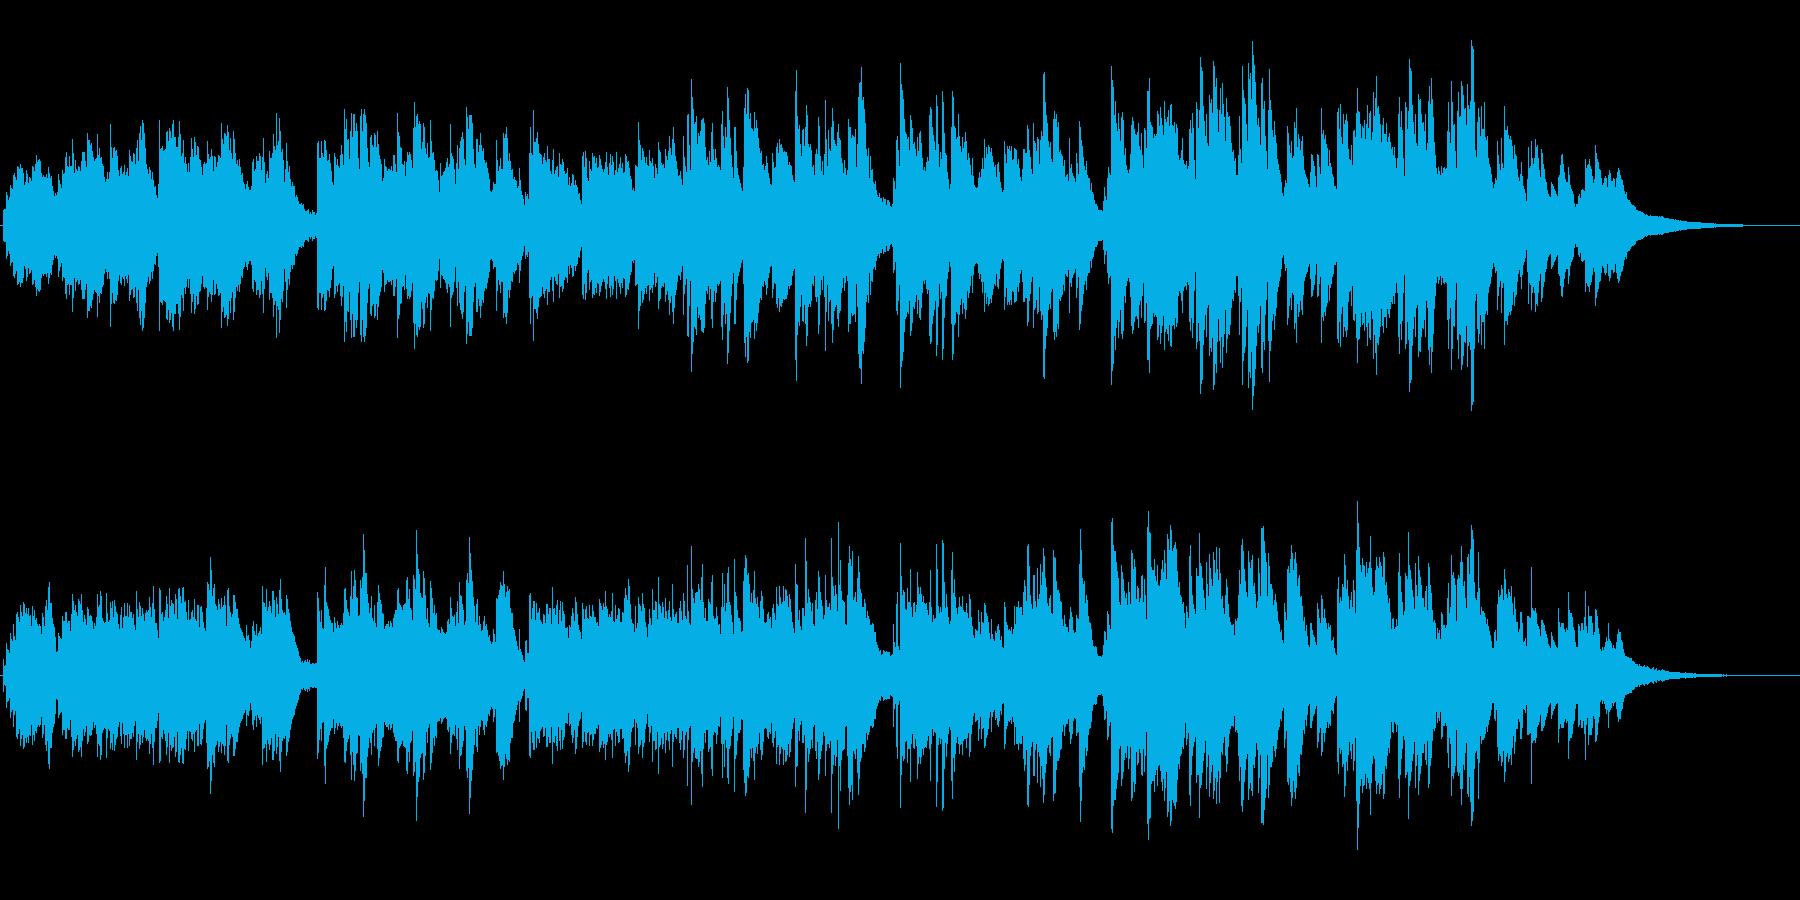 暗く切ない、ドラマチックなピアノソロの再生済みの波形